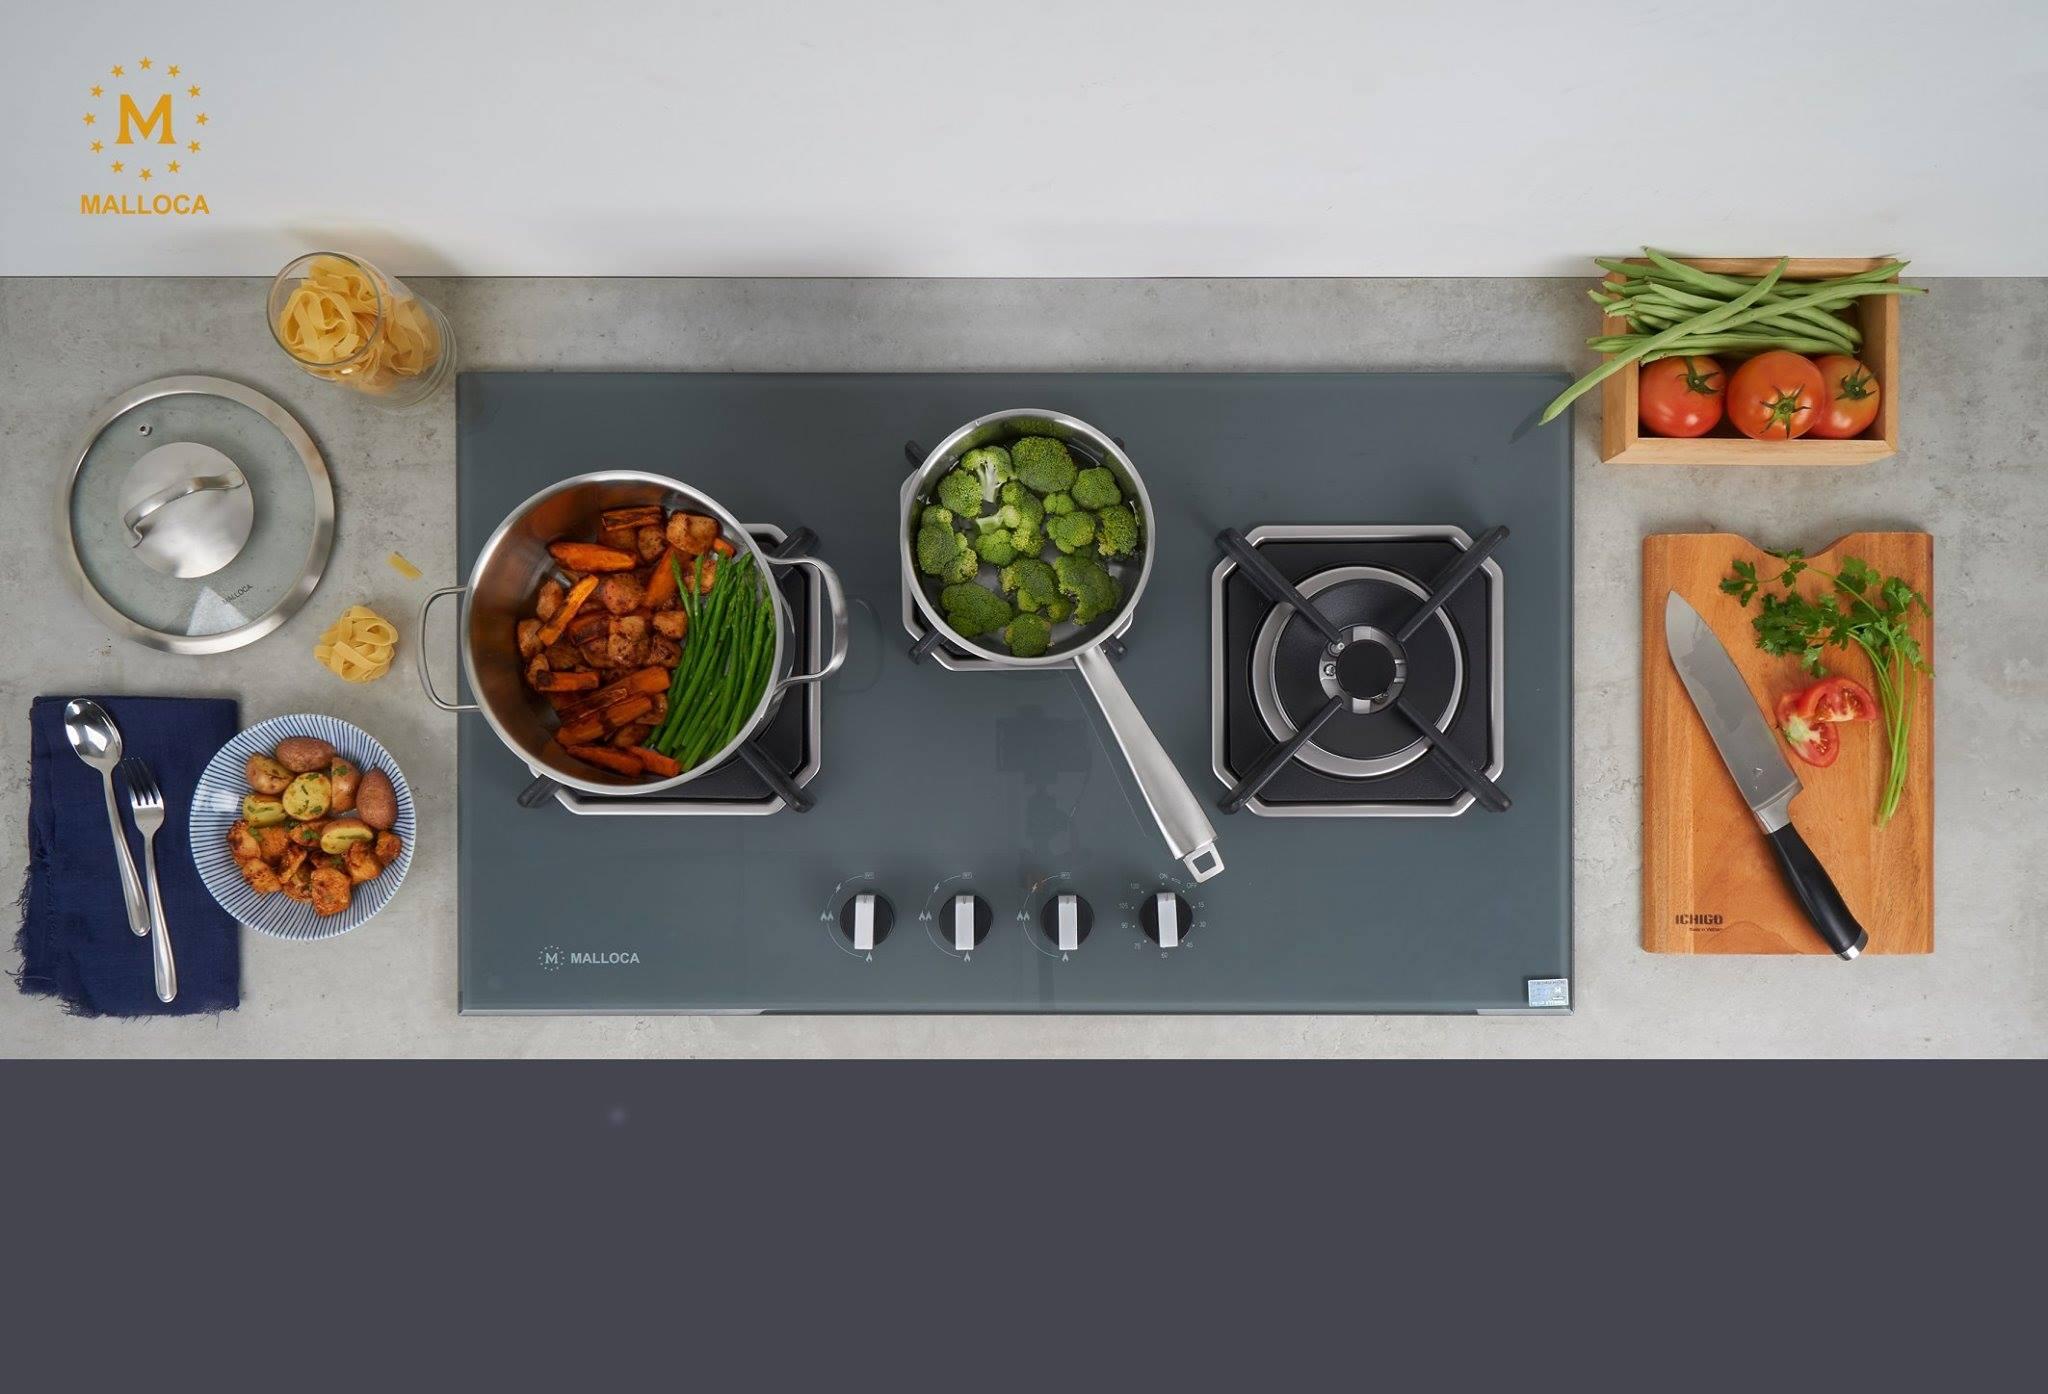 bep ga am 3 - Nên Dùng Bếp Ga Âm Hay Bếp Điện Từ Cho An Toàn